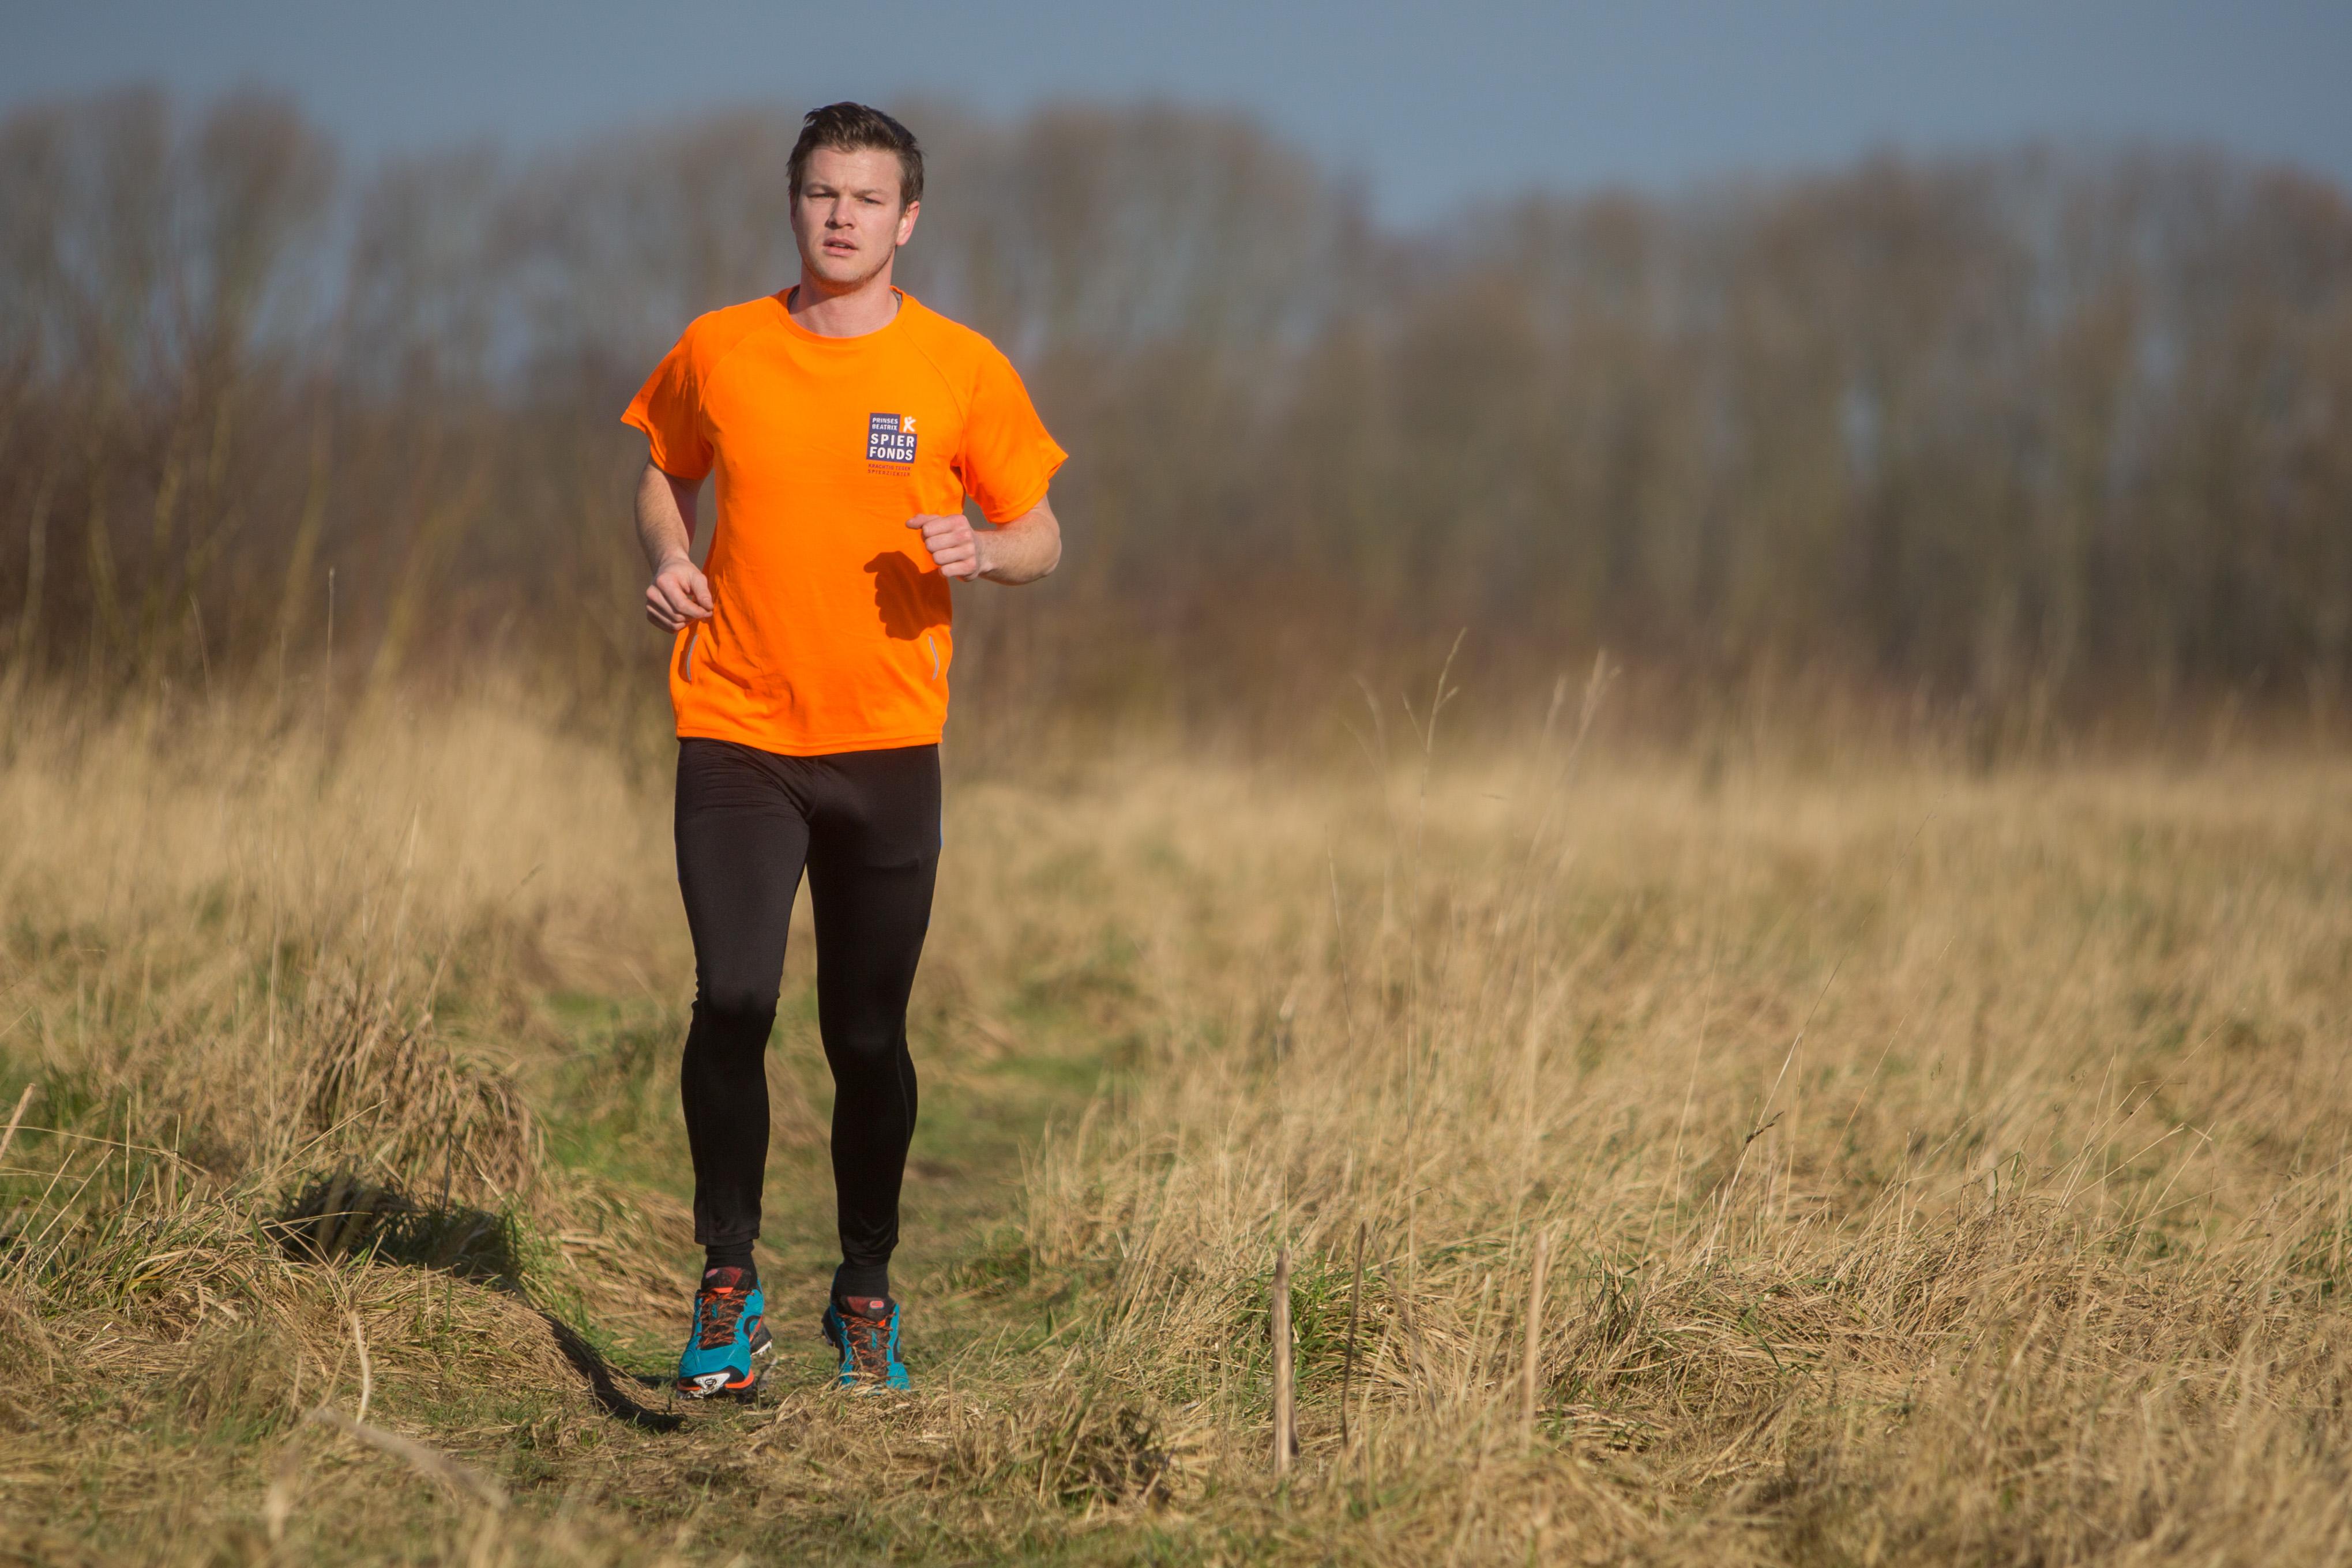 Sander Kunst gaat binnenkort vijftig kilometer hardlopen voor een goed doel: spierziekte. (Foto: Vincent de Vries/RM). rodi.nl © rodi